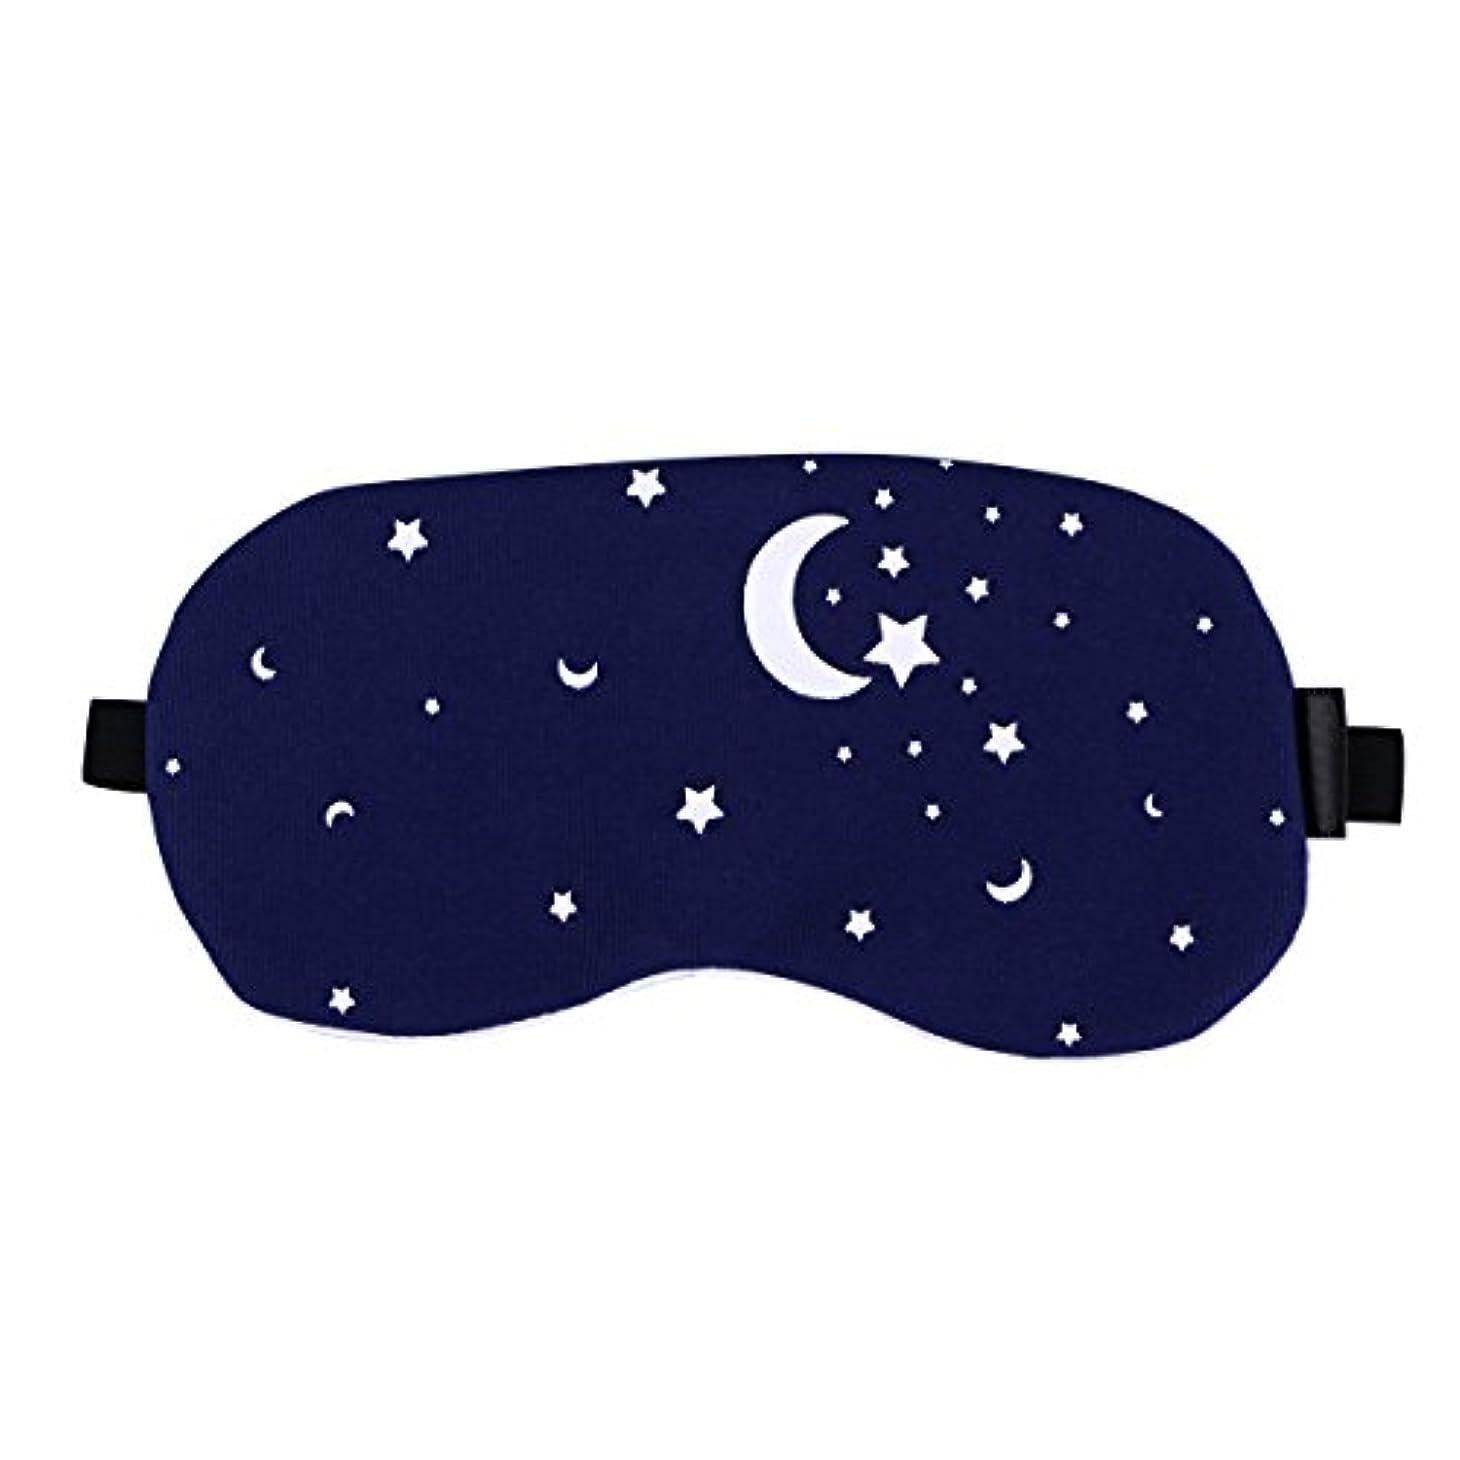 合図汗主婦SUPVOX コットンスリーピングマスクブラインダーパッチ調節可能なストラップアイシャドーコールド/ホットジェル(星空)